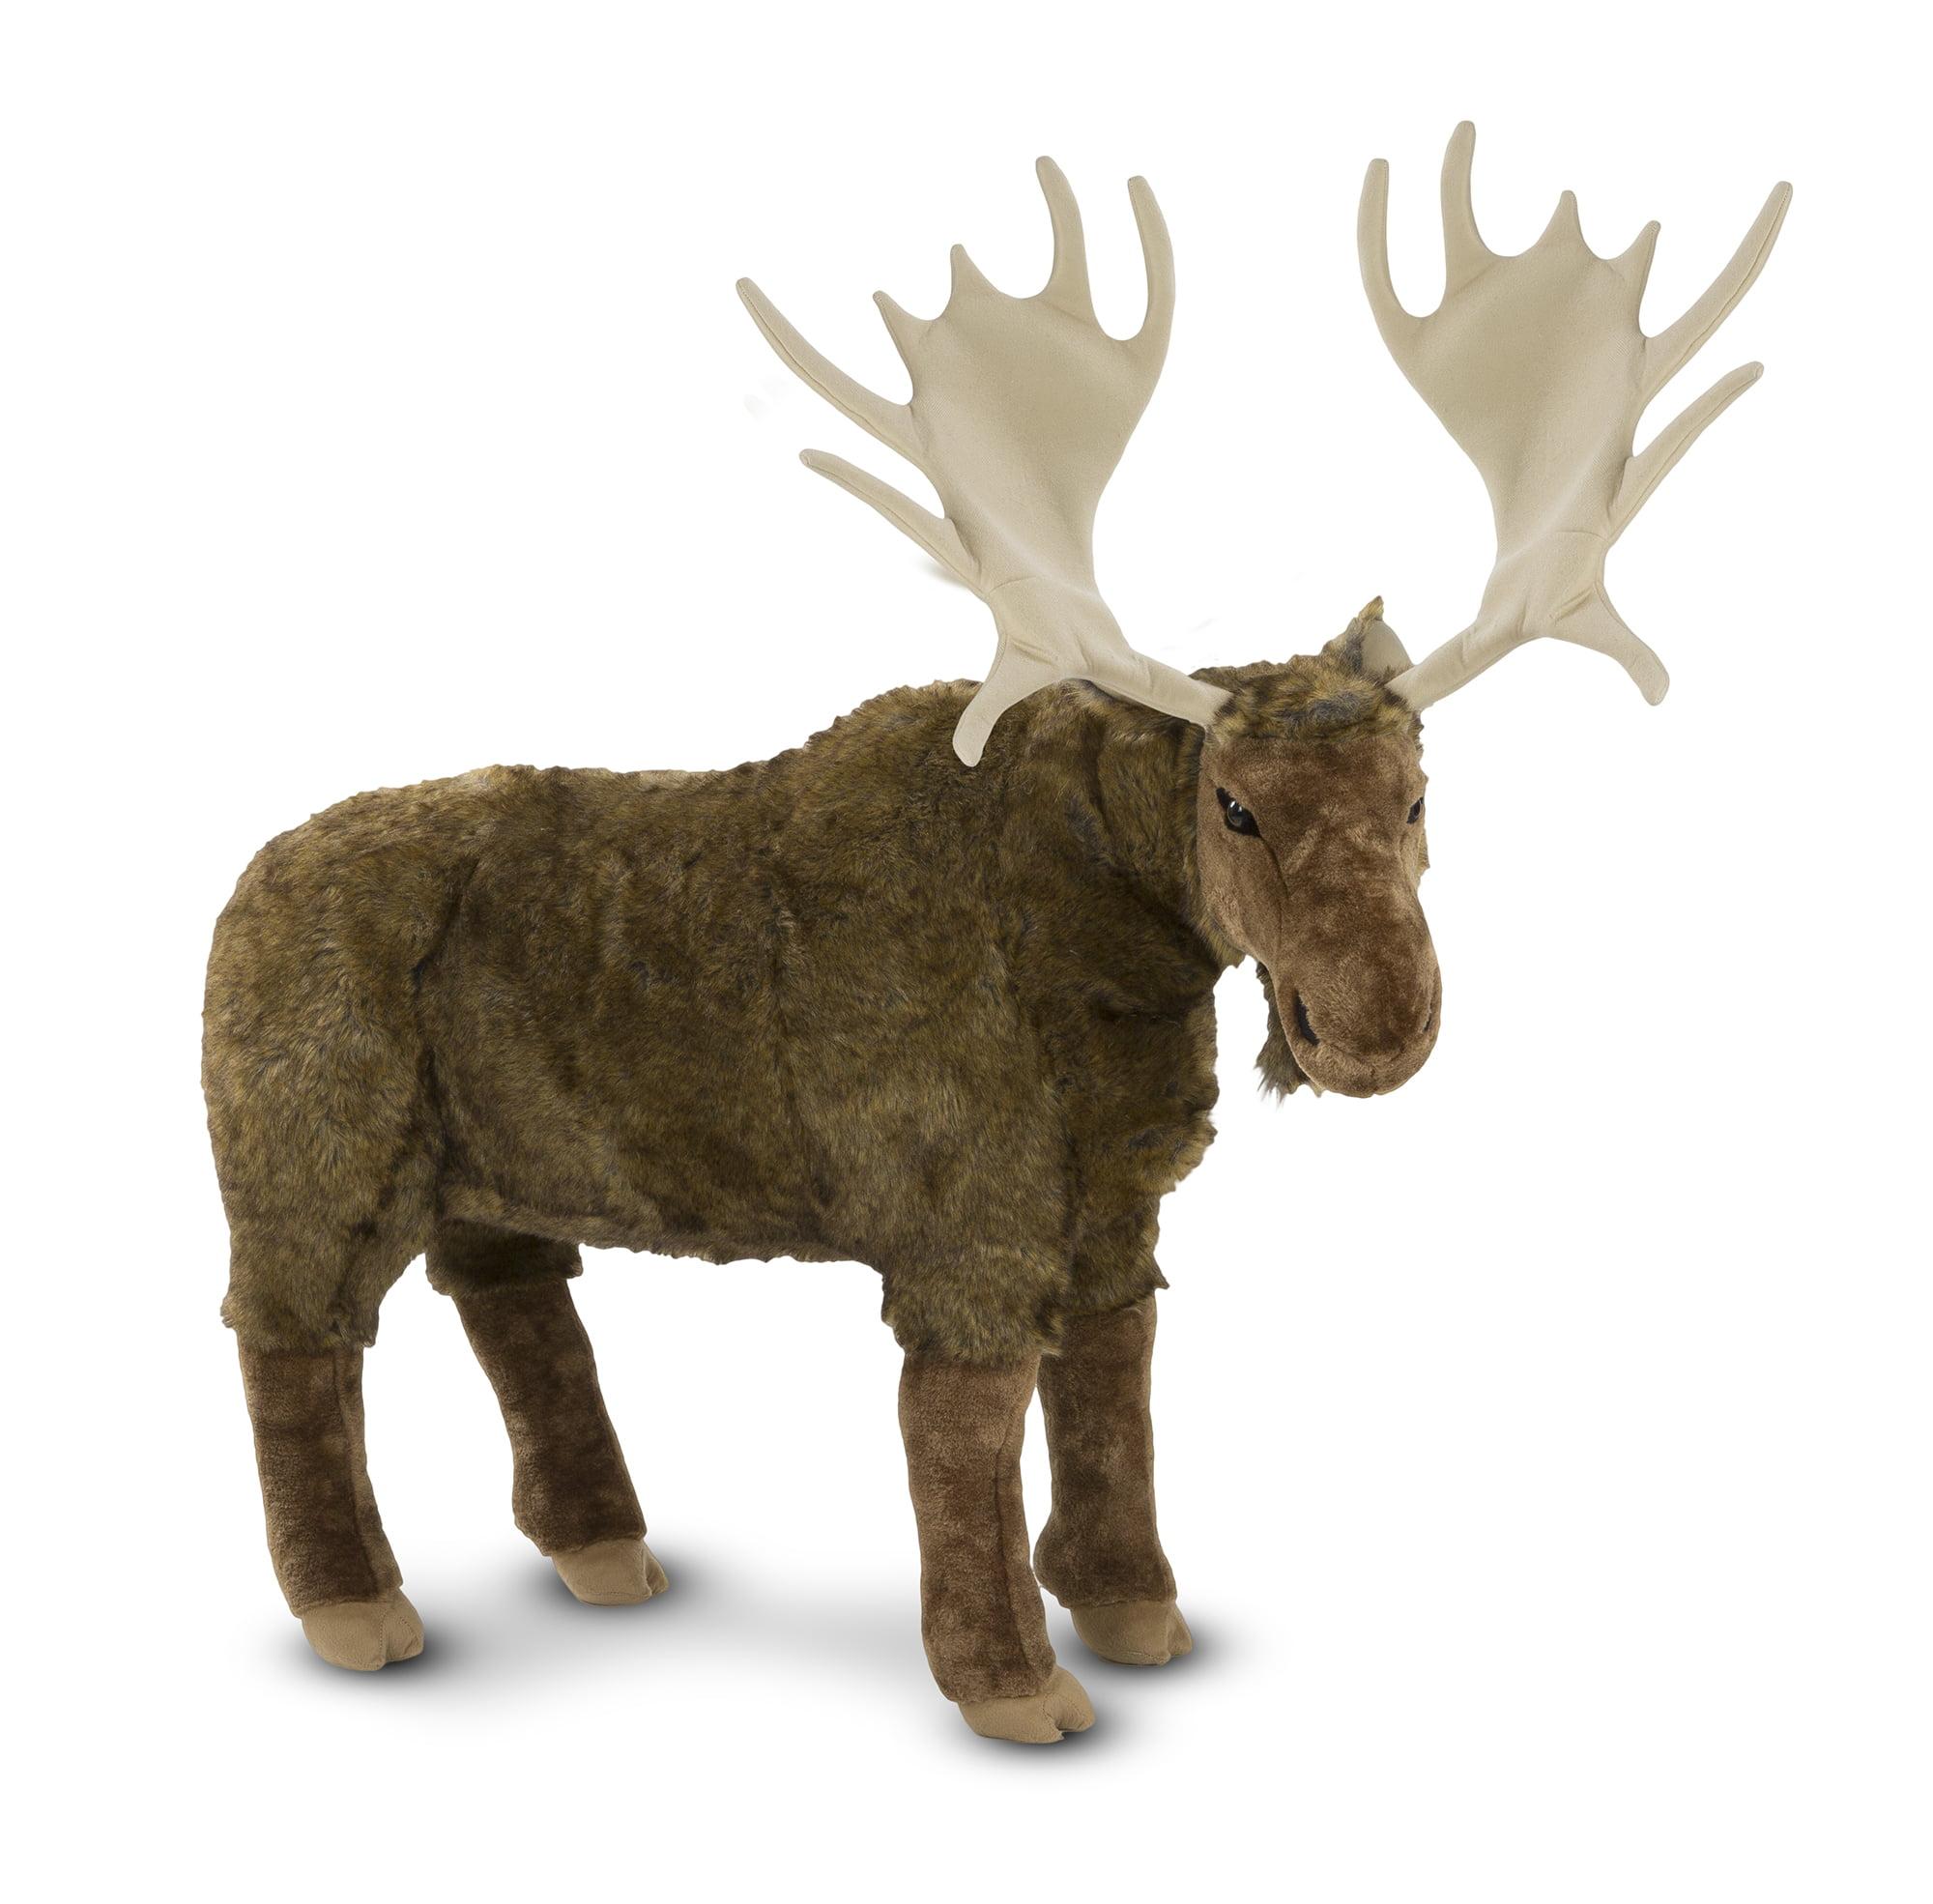 Melissa & Doug Standing Lifelike Plush Giant Moose Stuffed Animal (38 x 41.5 x 13 in)